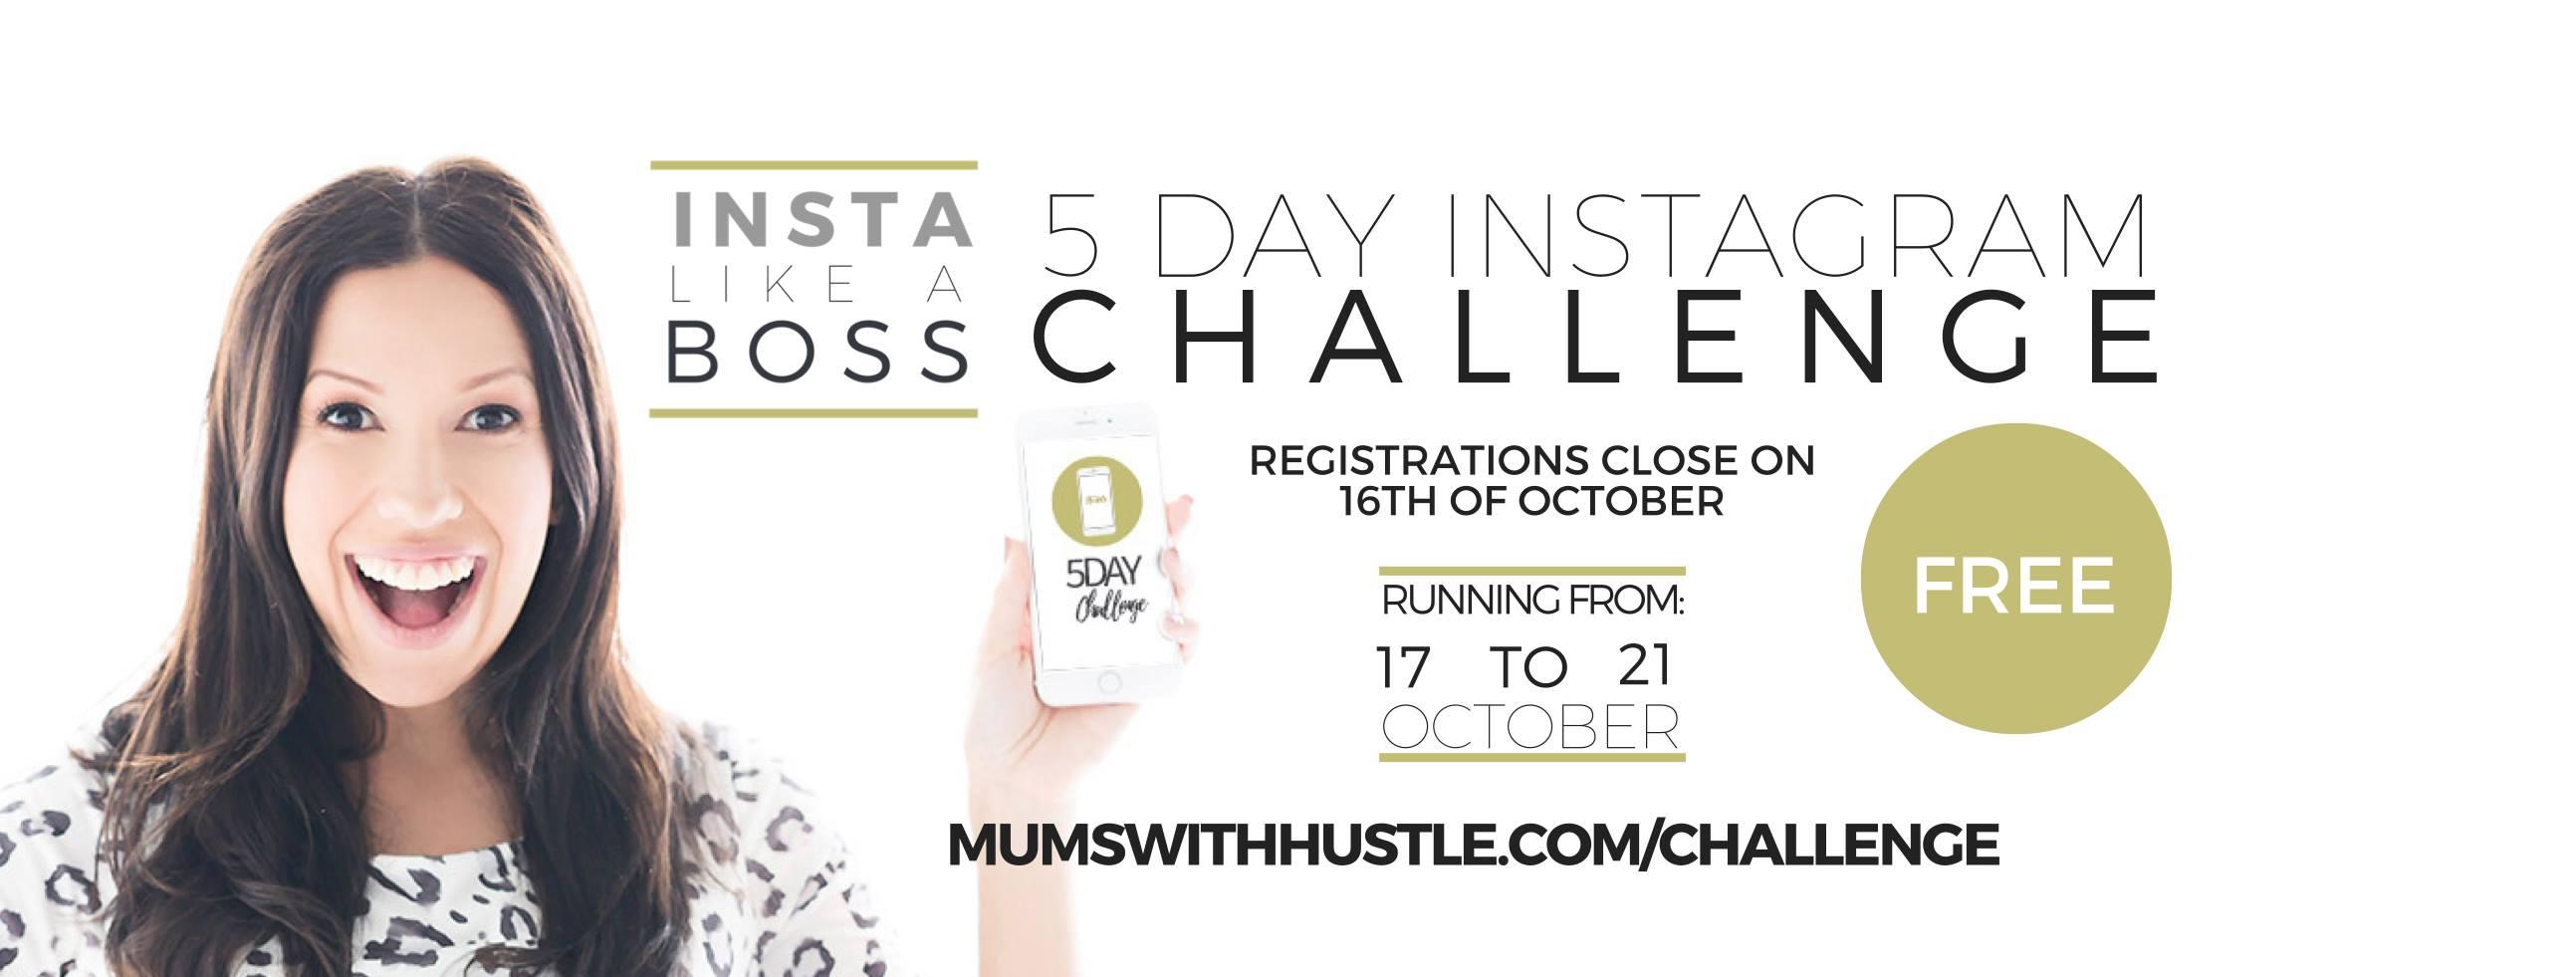 insta-challenge